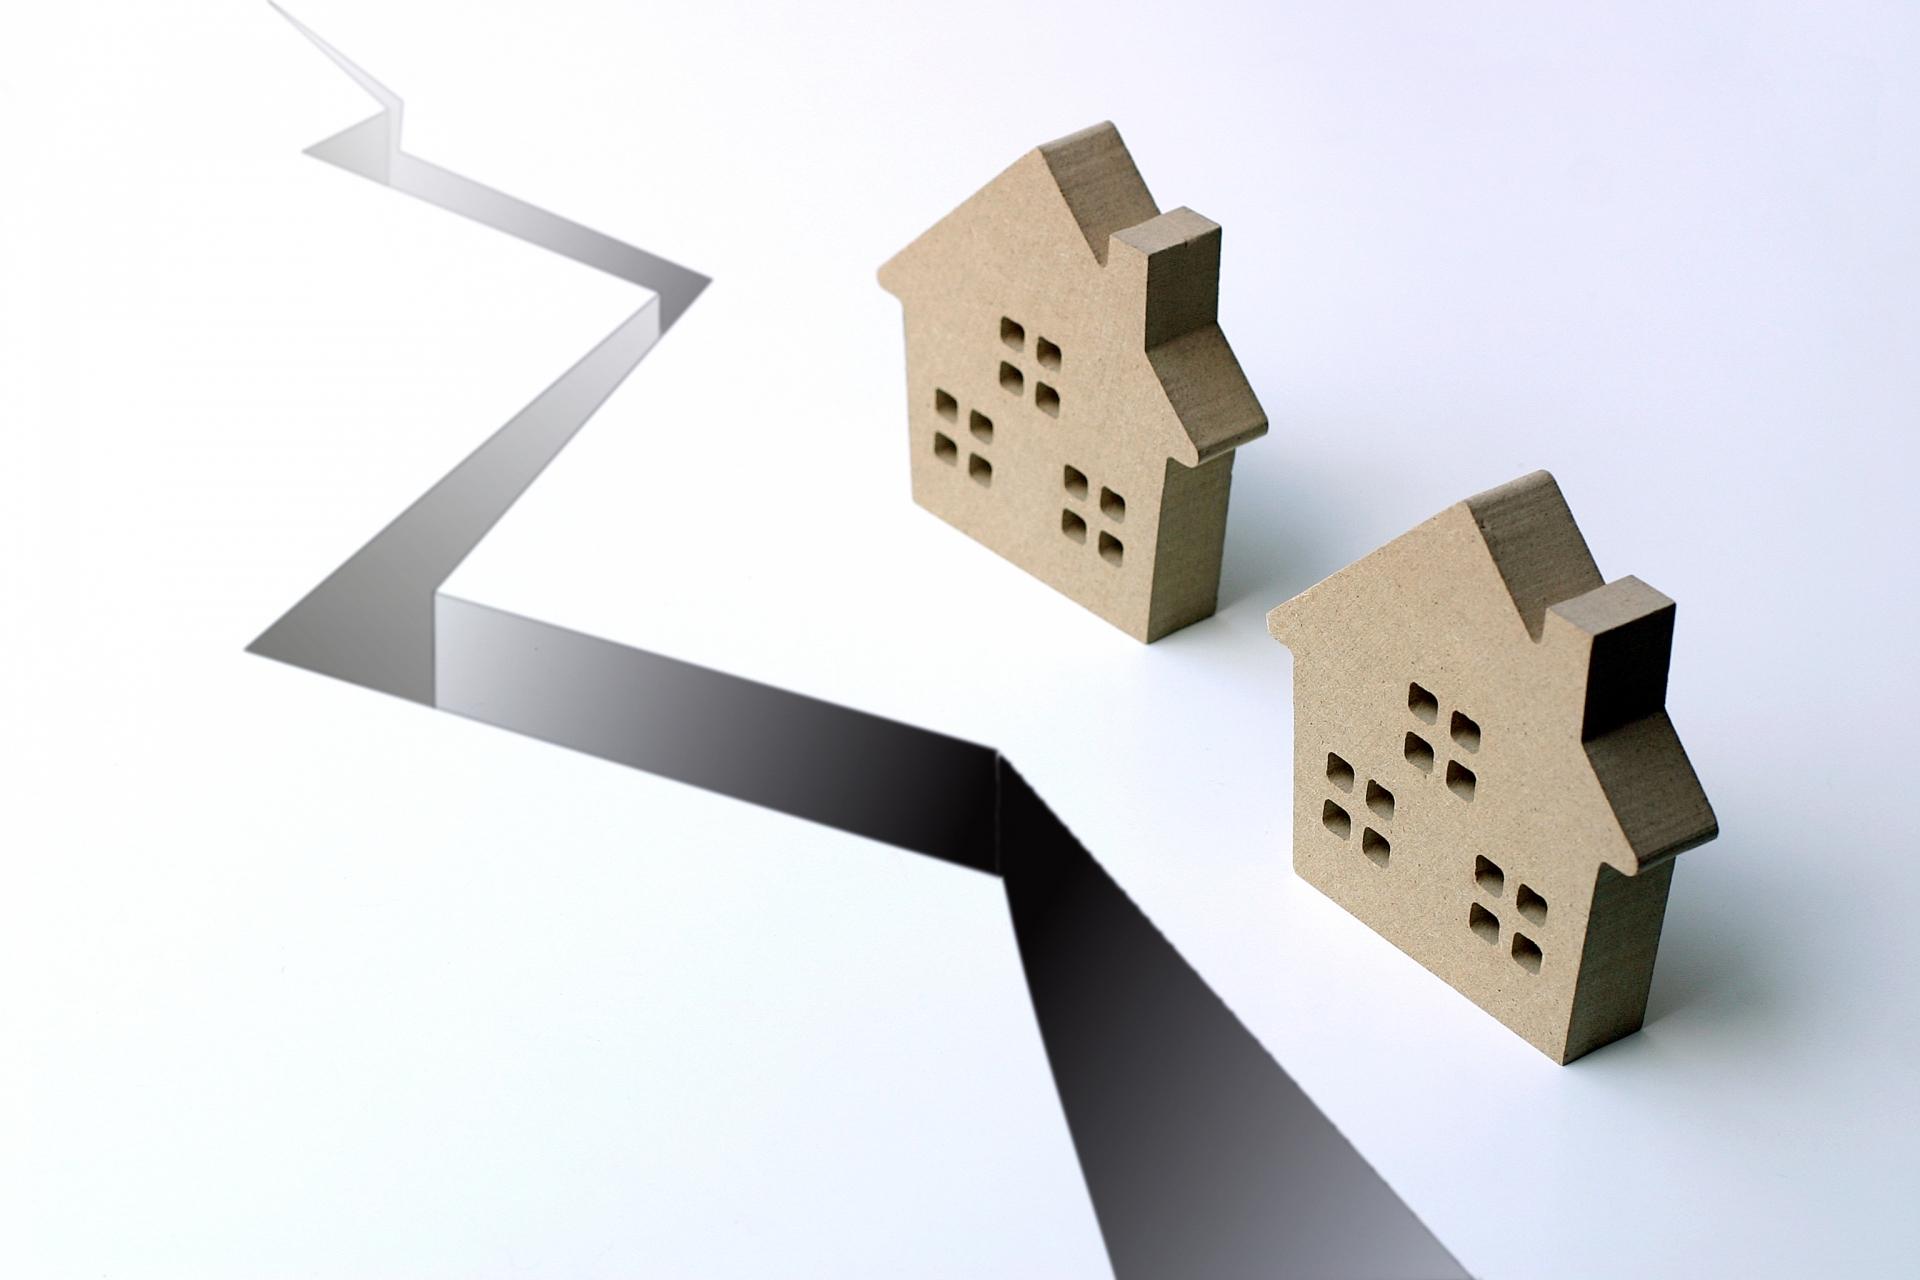 リフォームで優先すべきは、地震対策とヒートショック対策